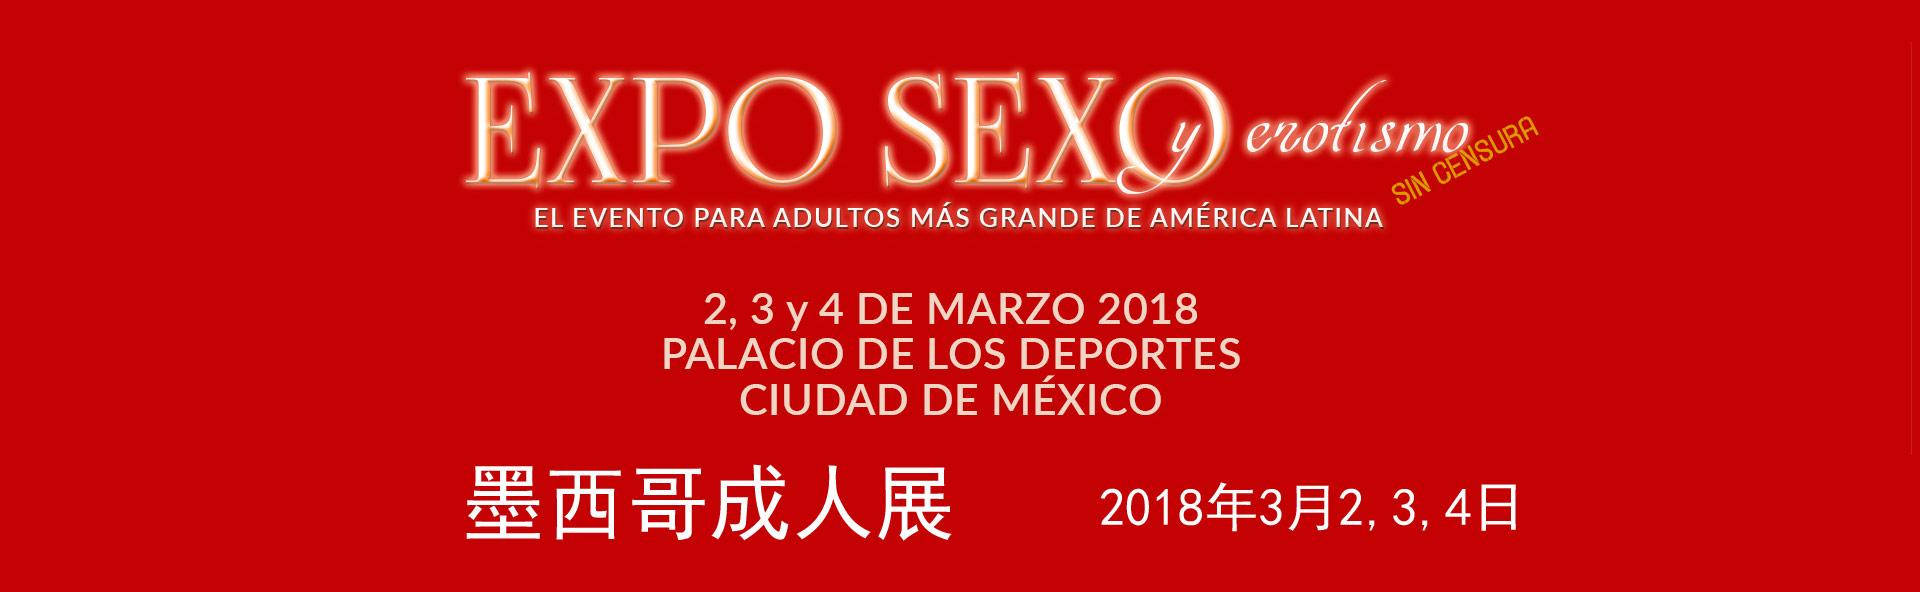 2018墨西哥成人展expoSexo横幅banner